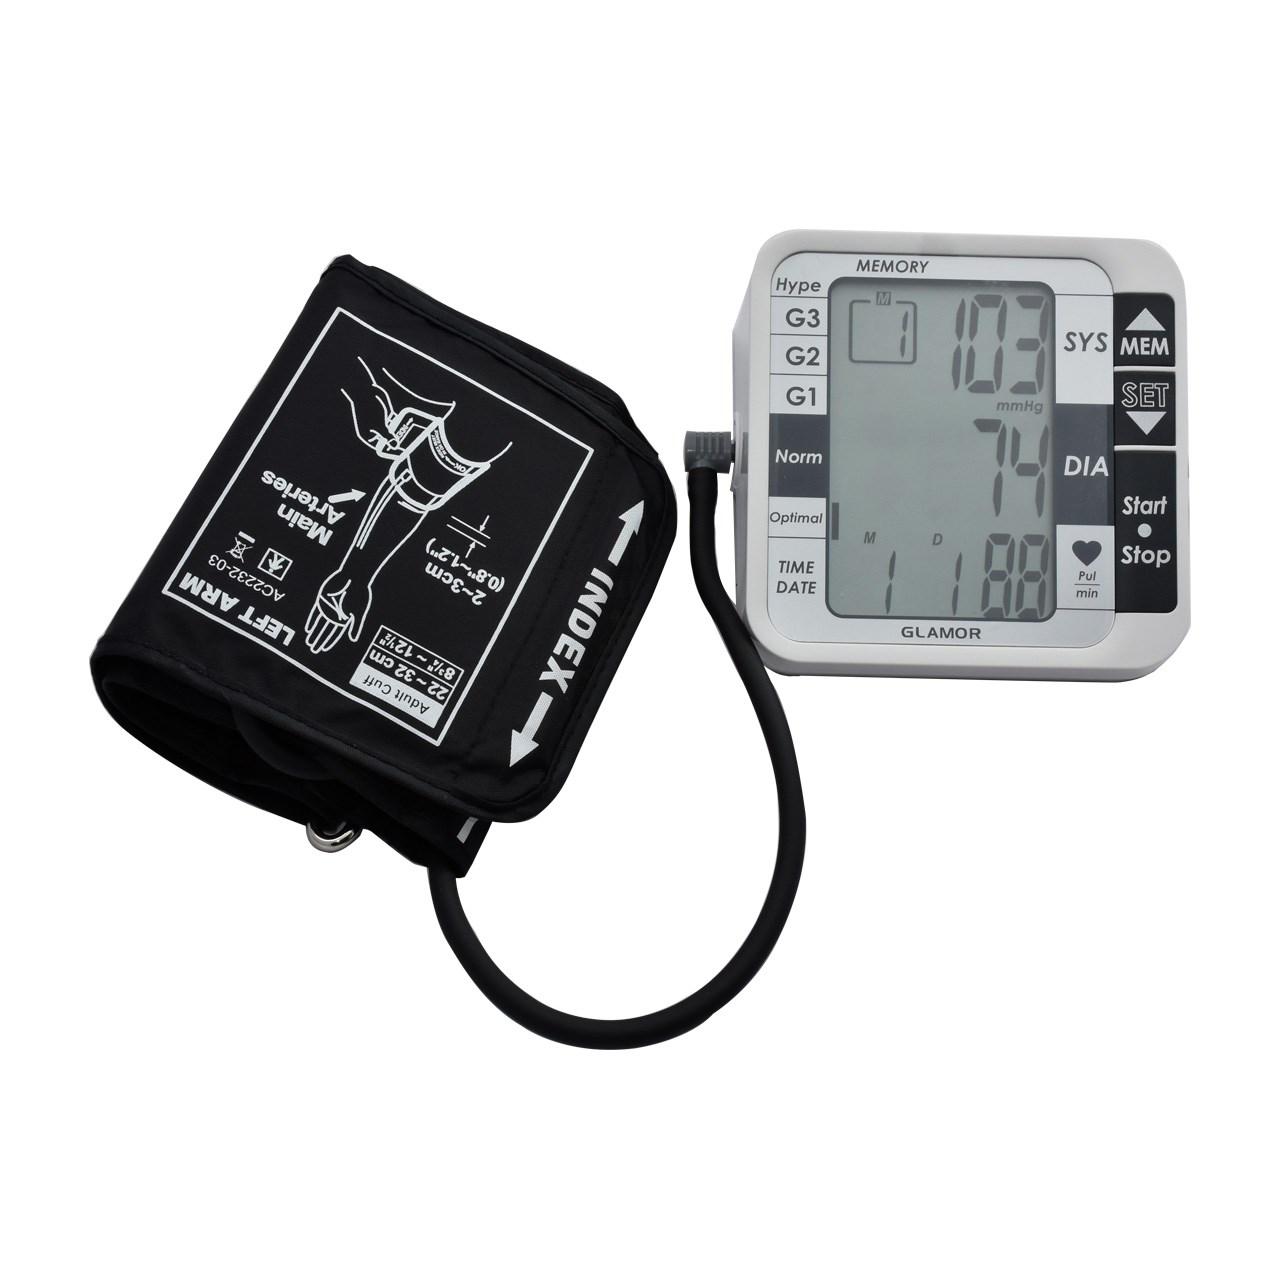 فروش اقساطی فشار سنج دیجیتال گلامور مدل TMB-1112